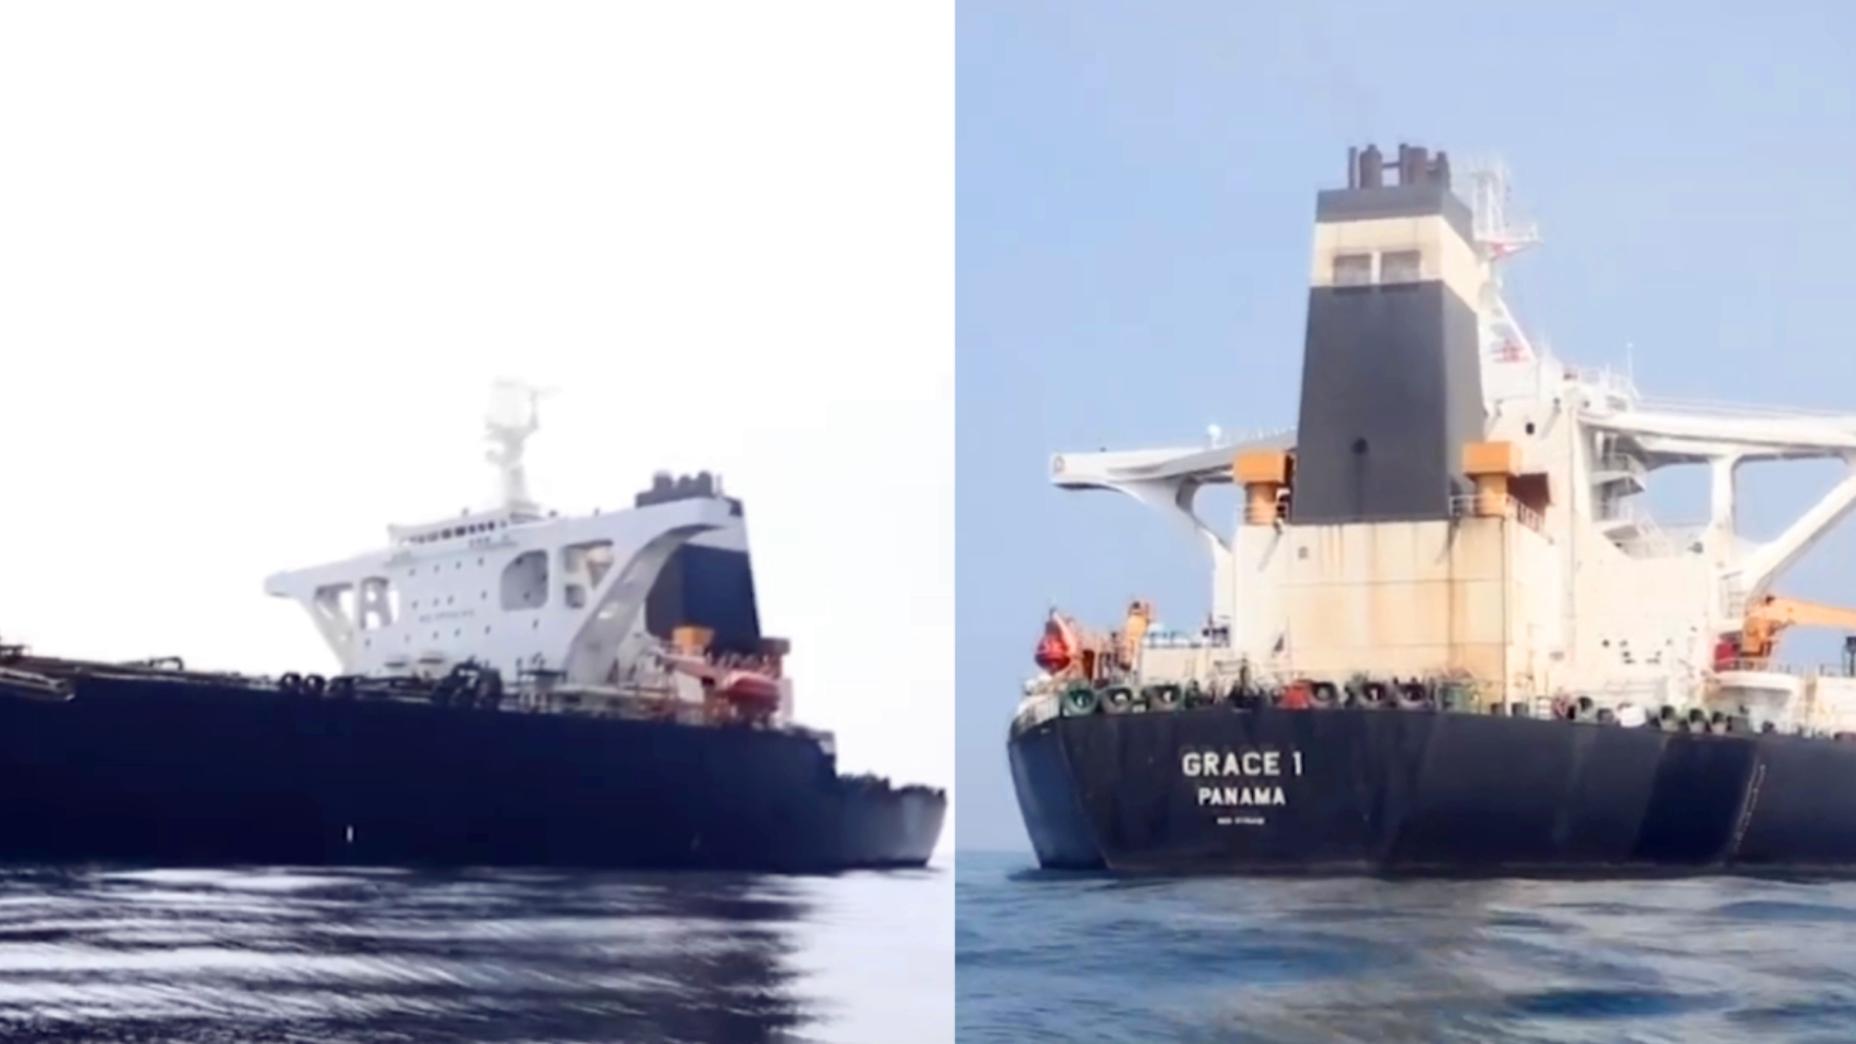 """直布罗陀释放伊朗原油油轮 早前美国曾提出接管请求被""""拒"""""""